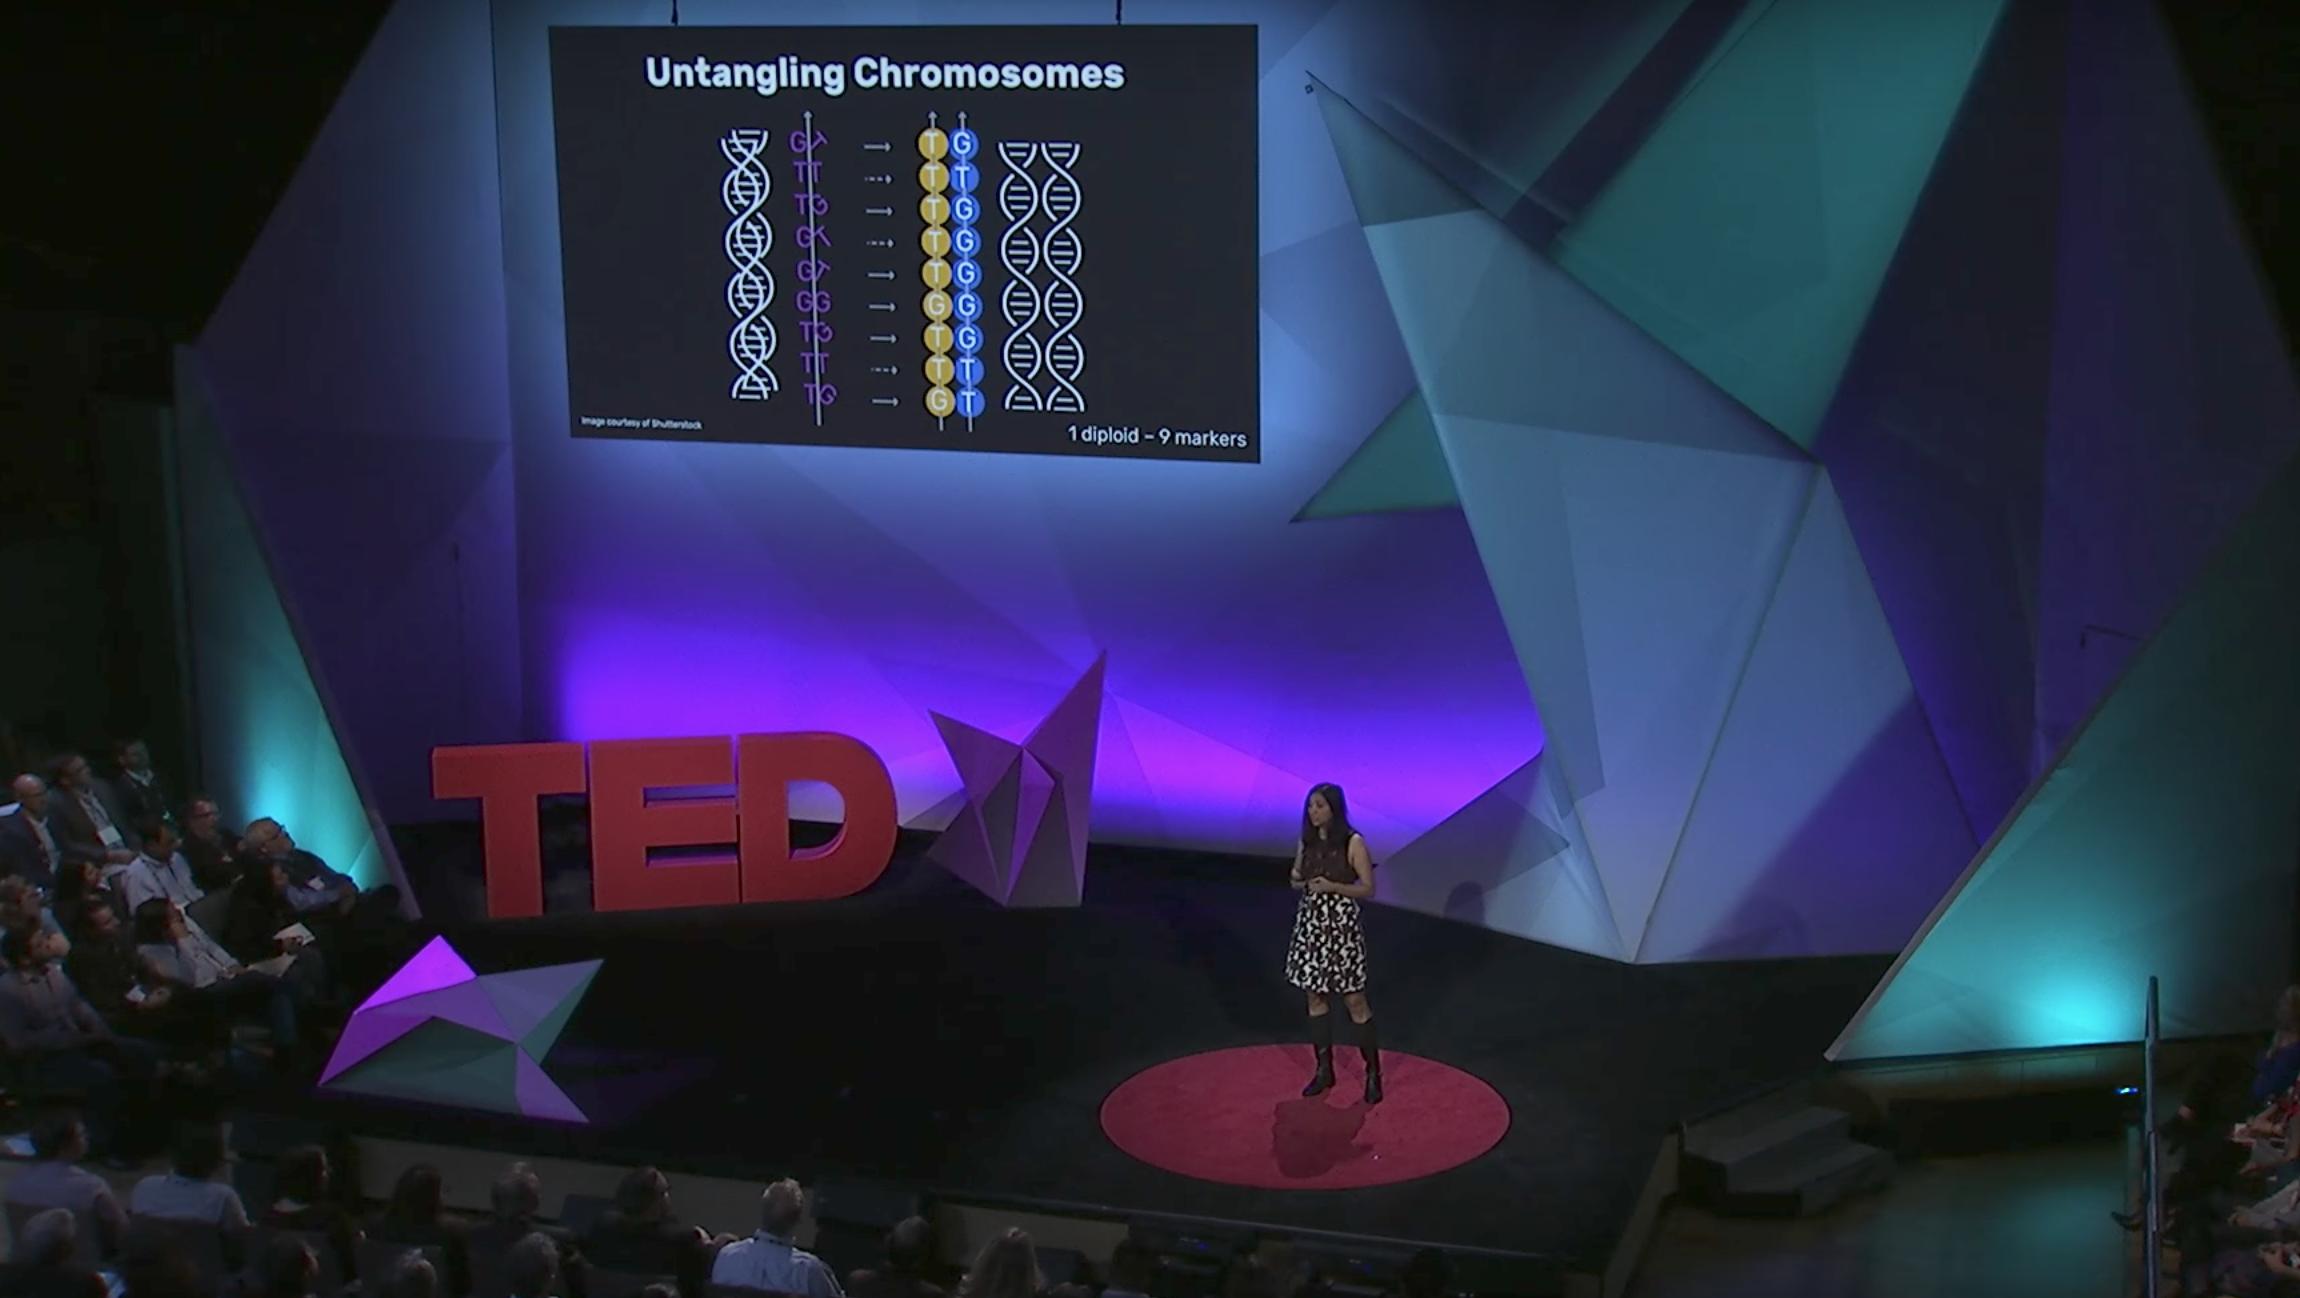 Photo via TED@IBM